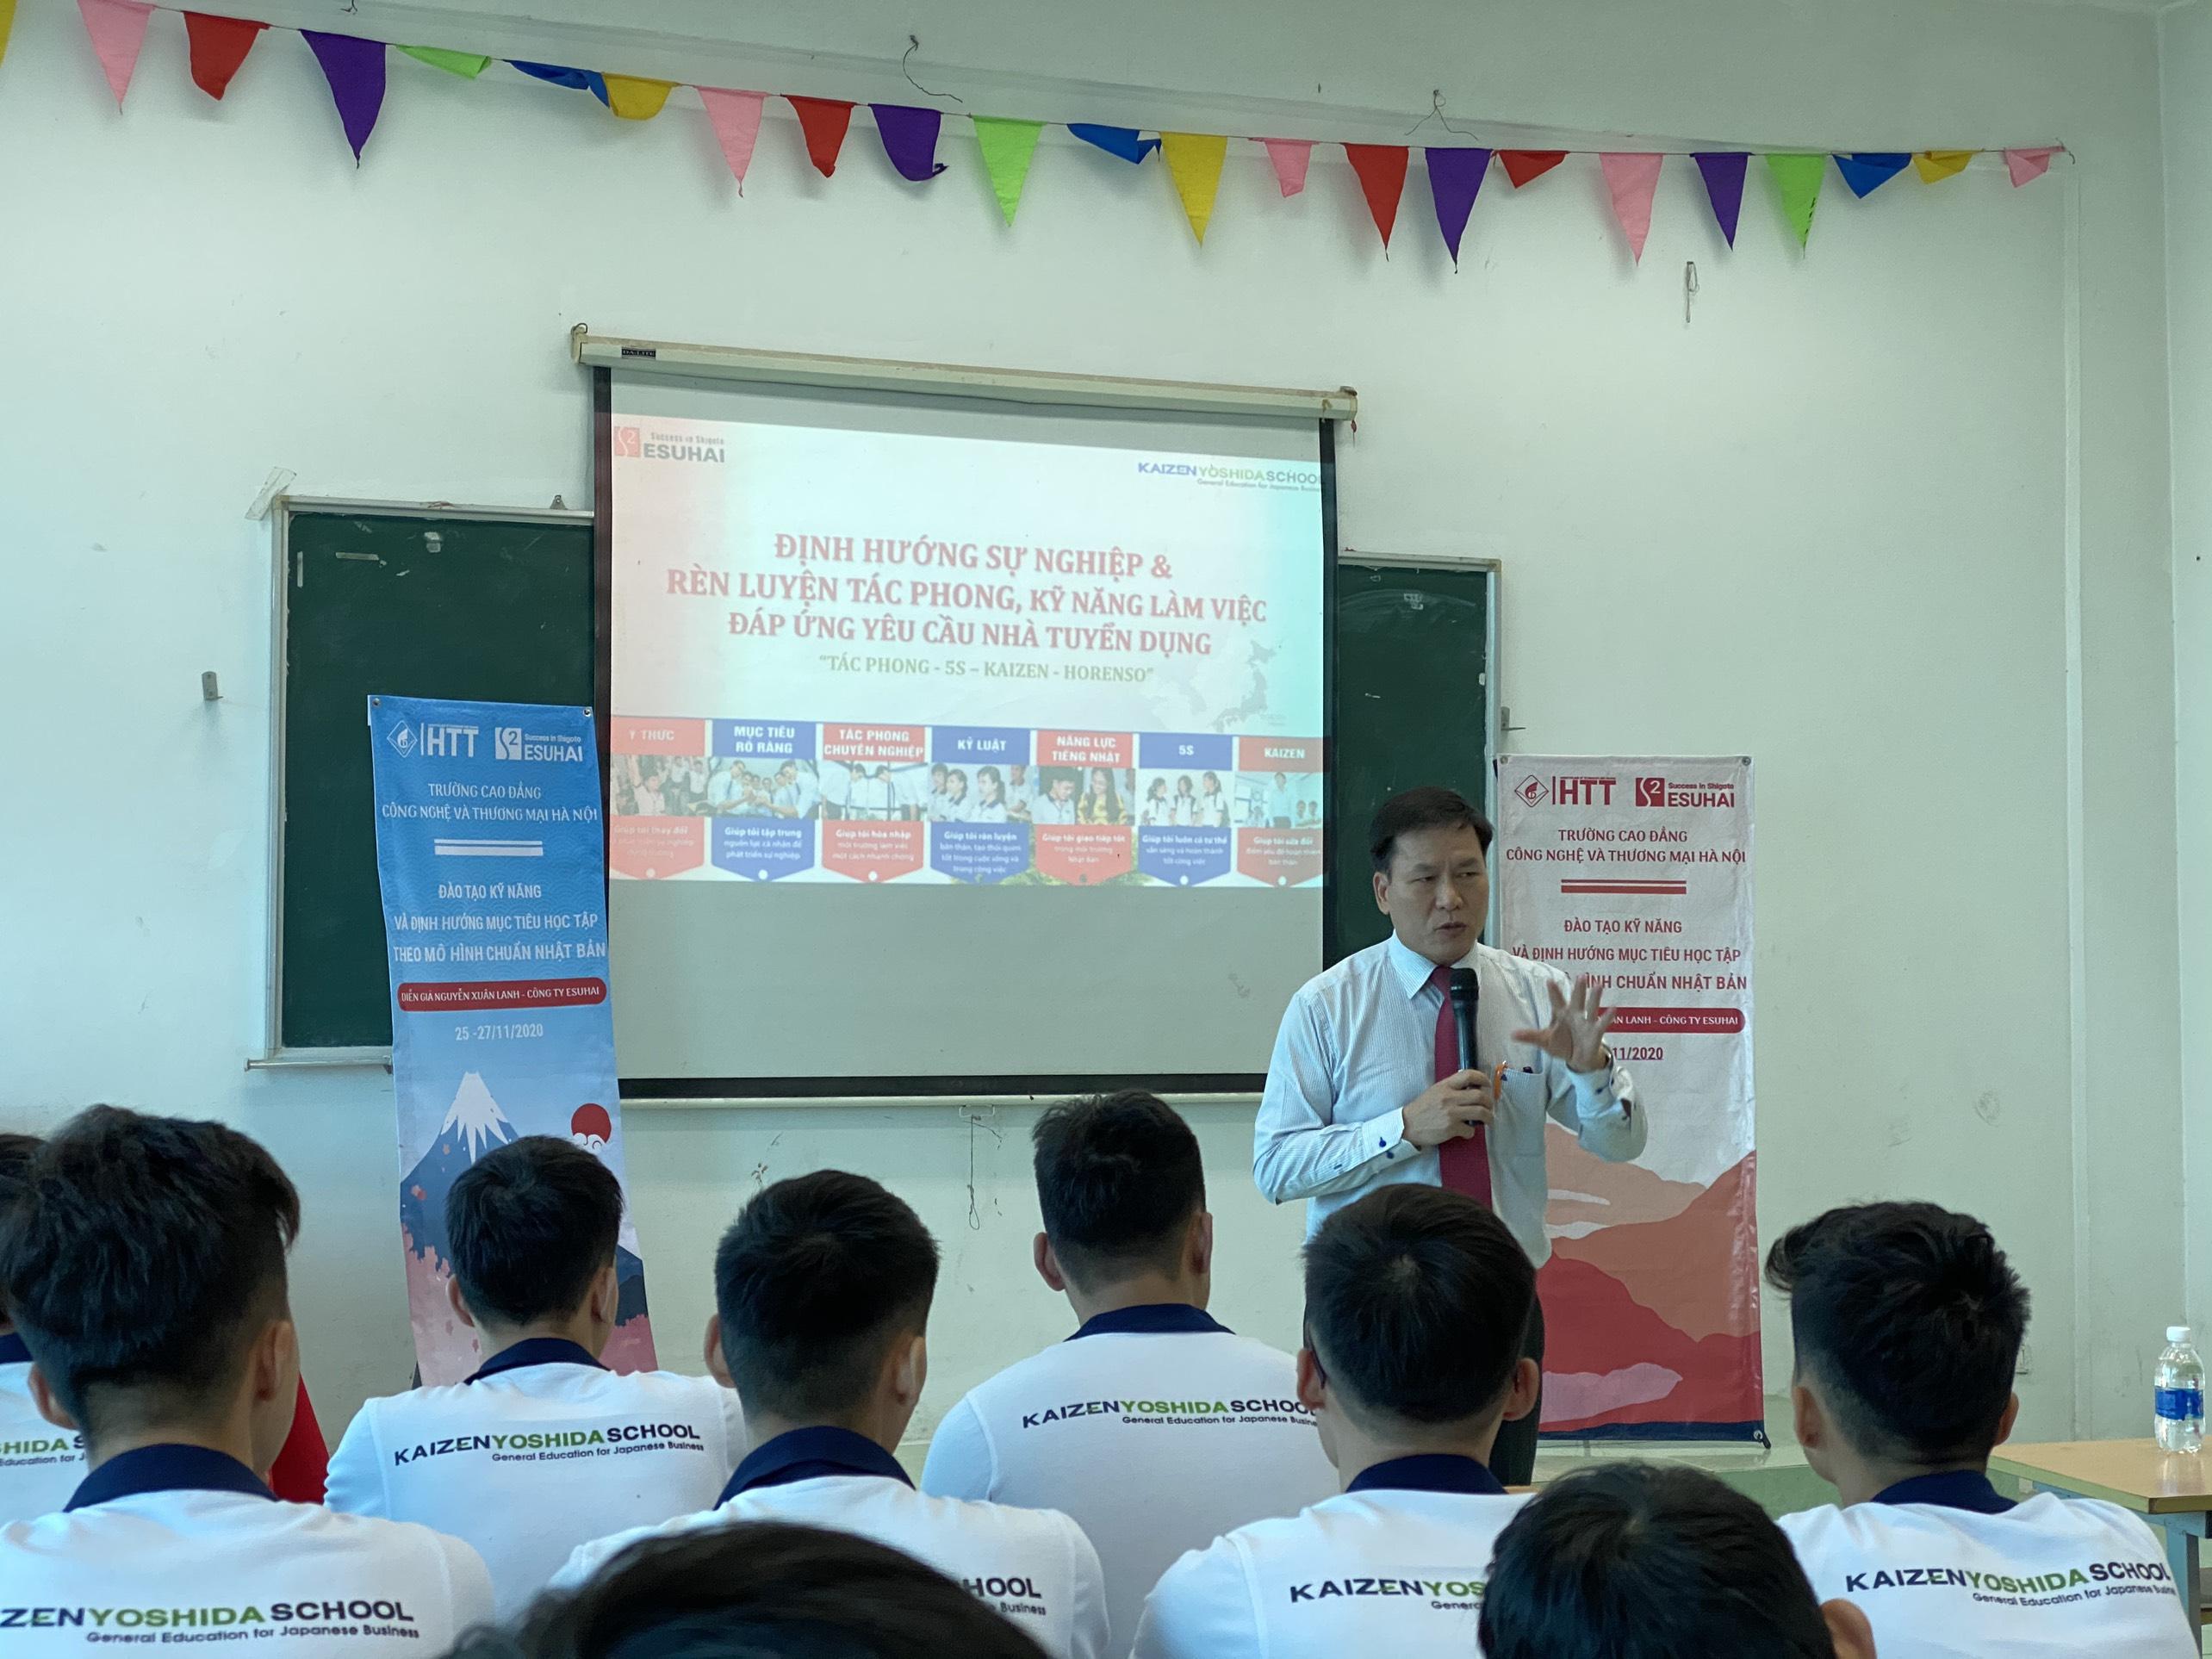 Thầy Nguyễn Xuân Lanh đang nhiệt tình chia sẻ những kinh các kỹ năng cần thiết với sinh viên HTT